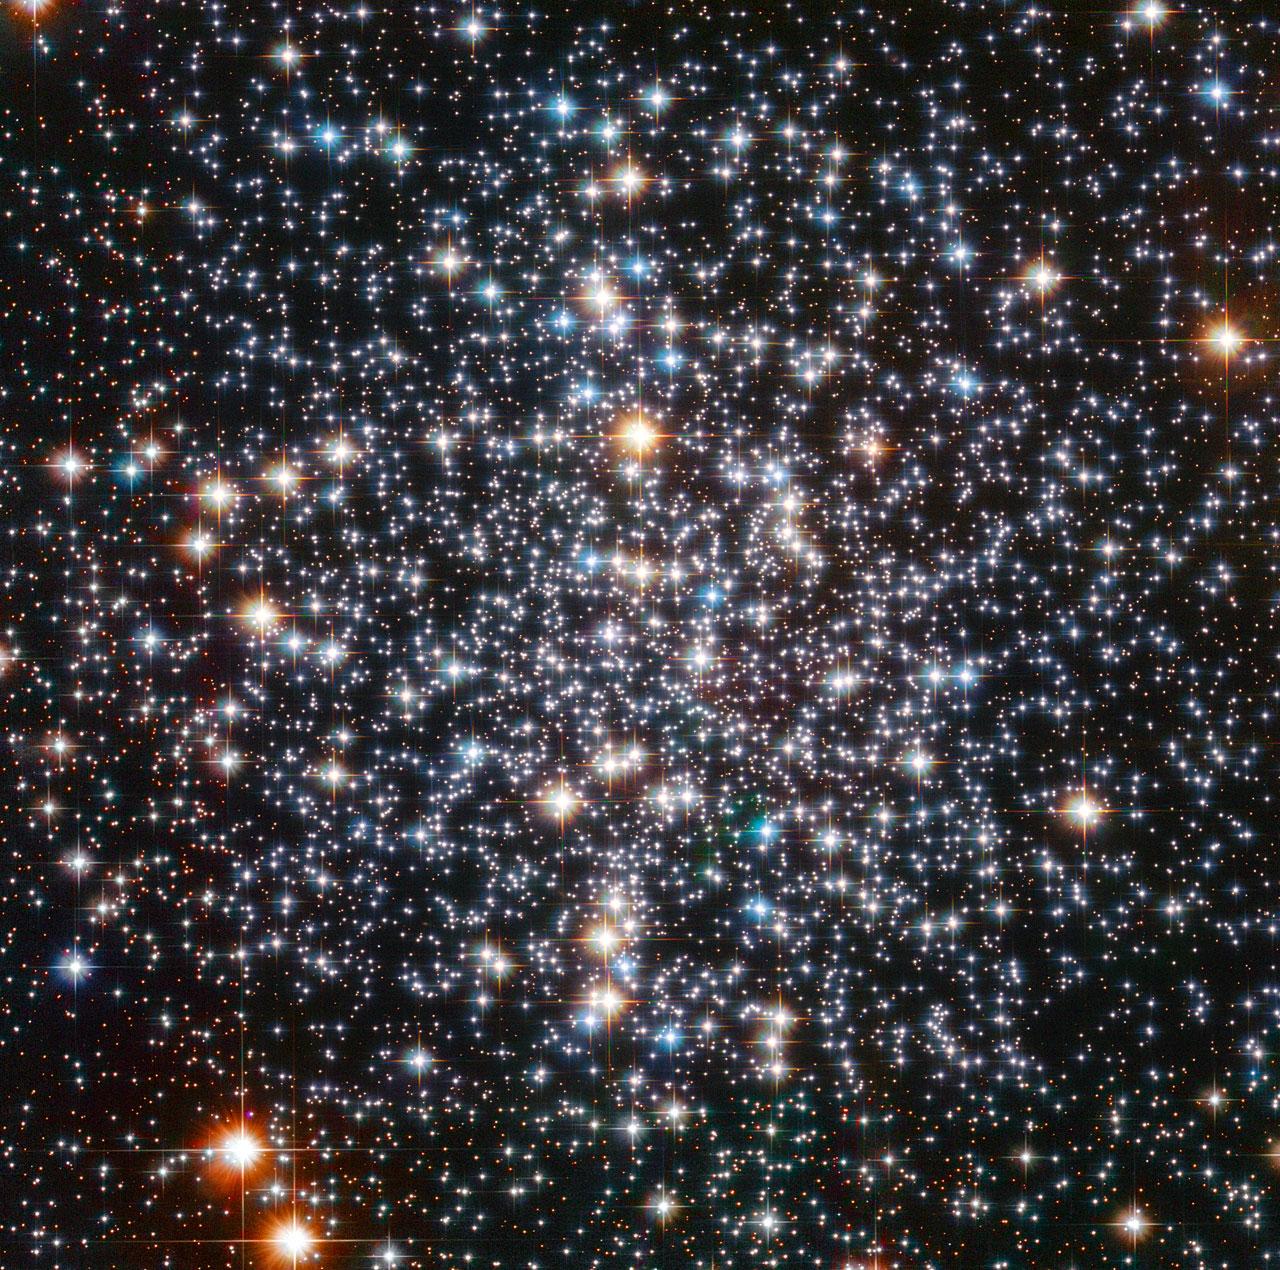 * 哈勃望远镜发现的秘密!(图) - UFO外星人资讯-名博 - UFO外星人不明飞行物和平天使2012